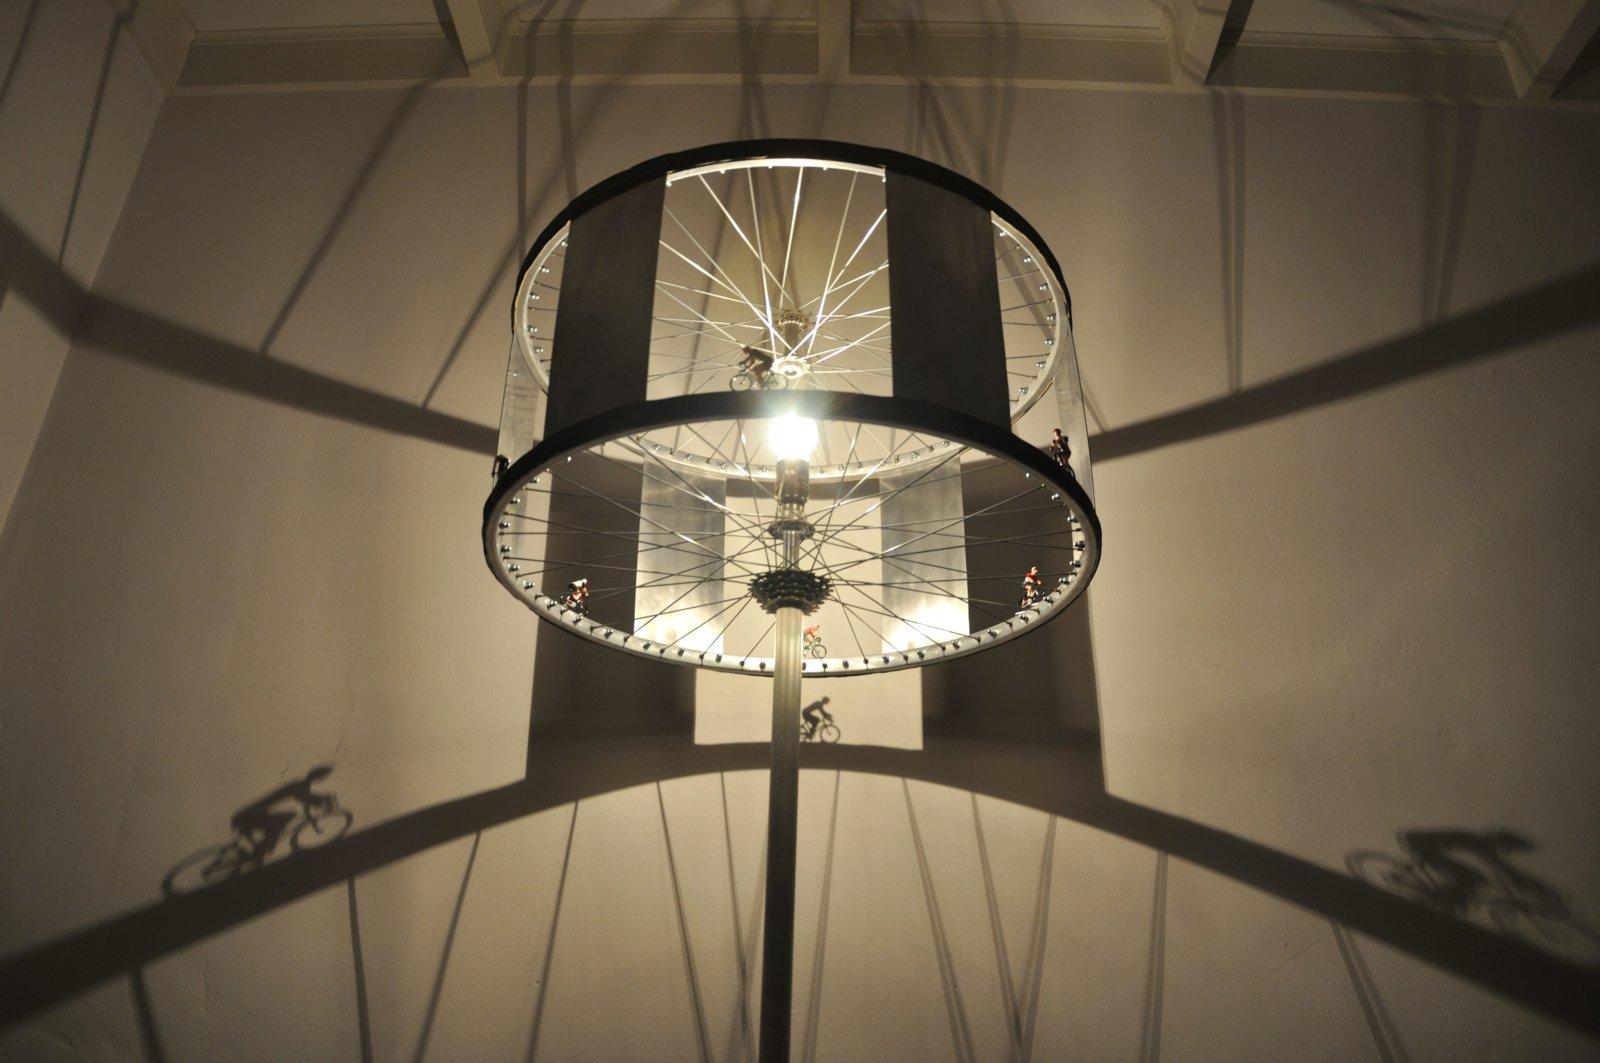 Illuminator 181141422 (Dumoulin 2017 lamp)